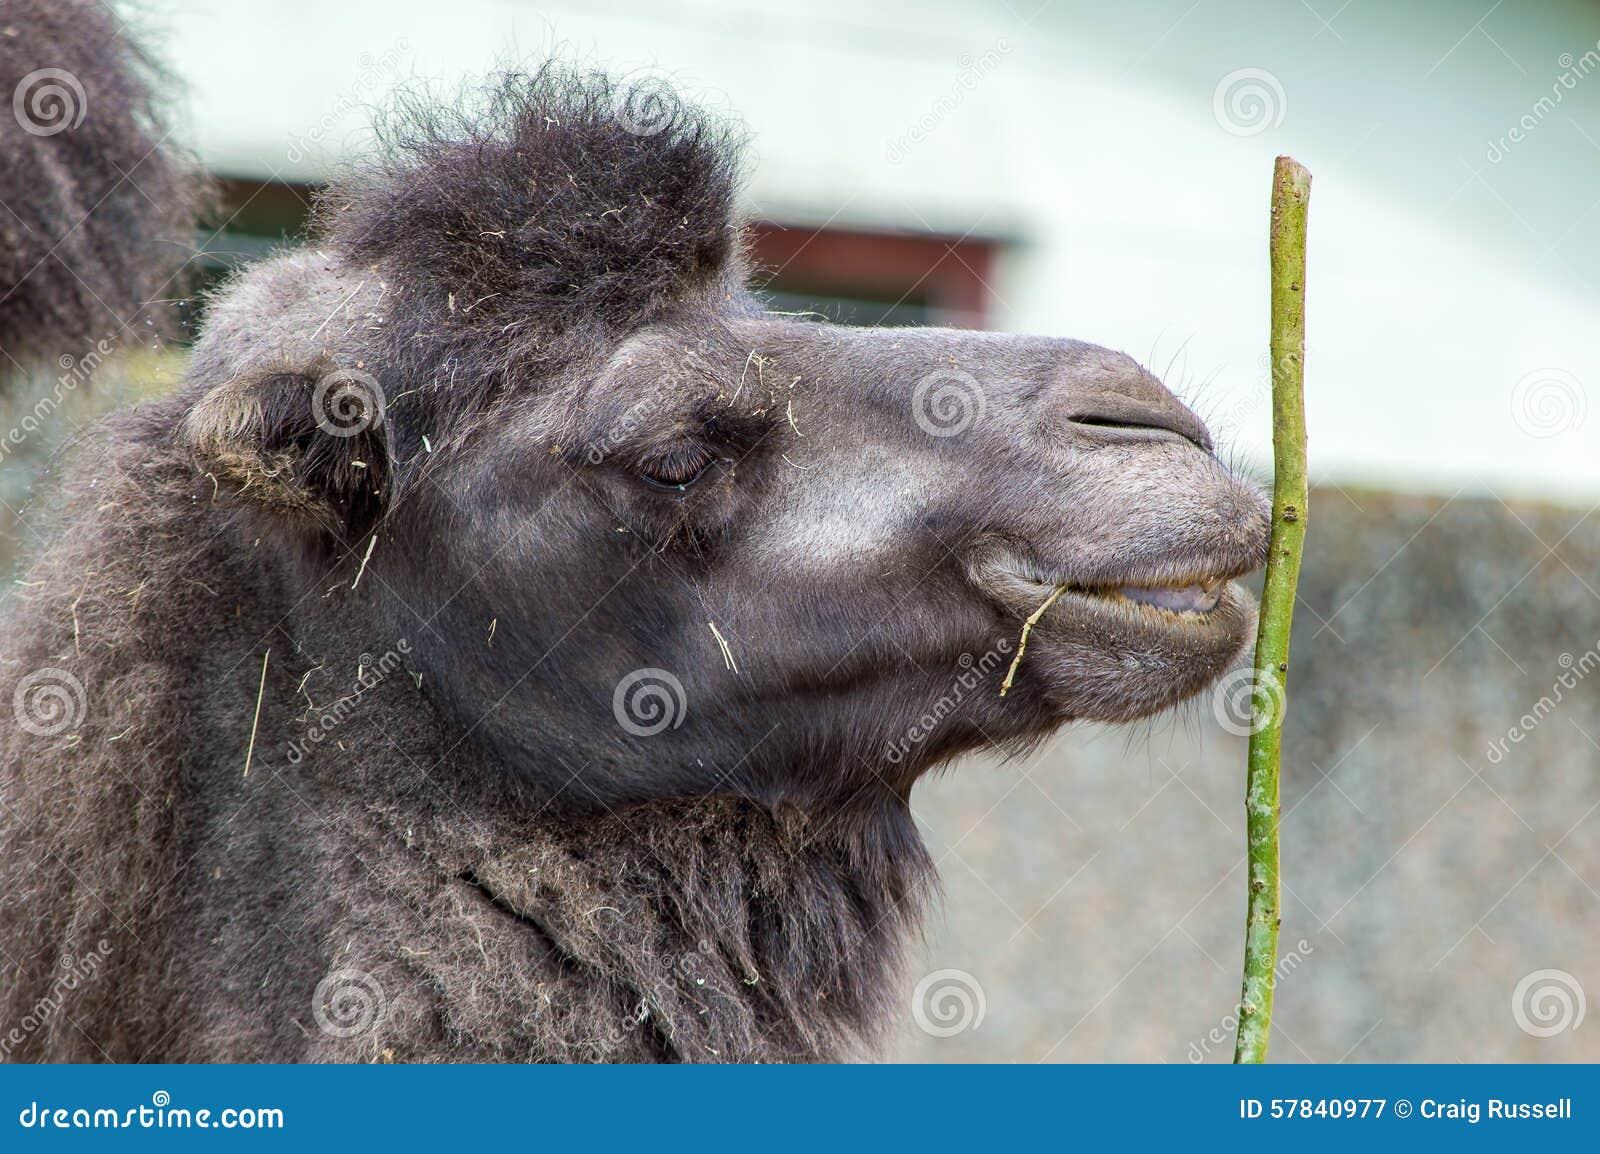 Schließen Sie oben von einem Kamelkopf, der einen Stock hält